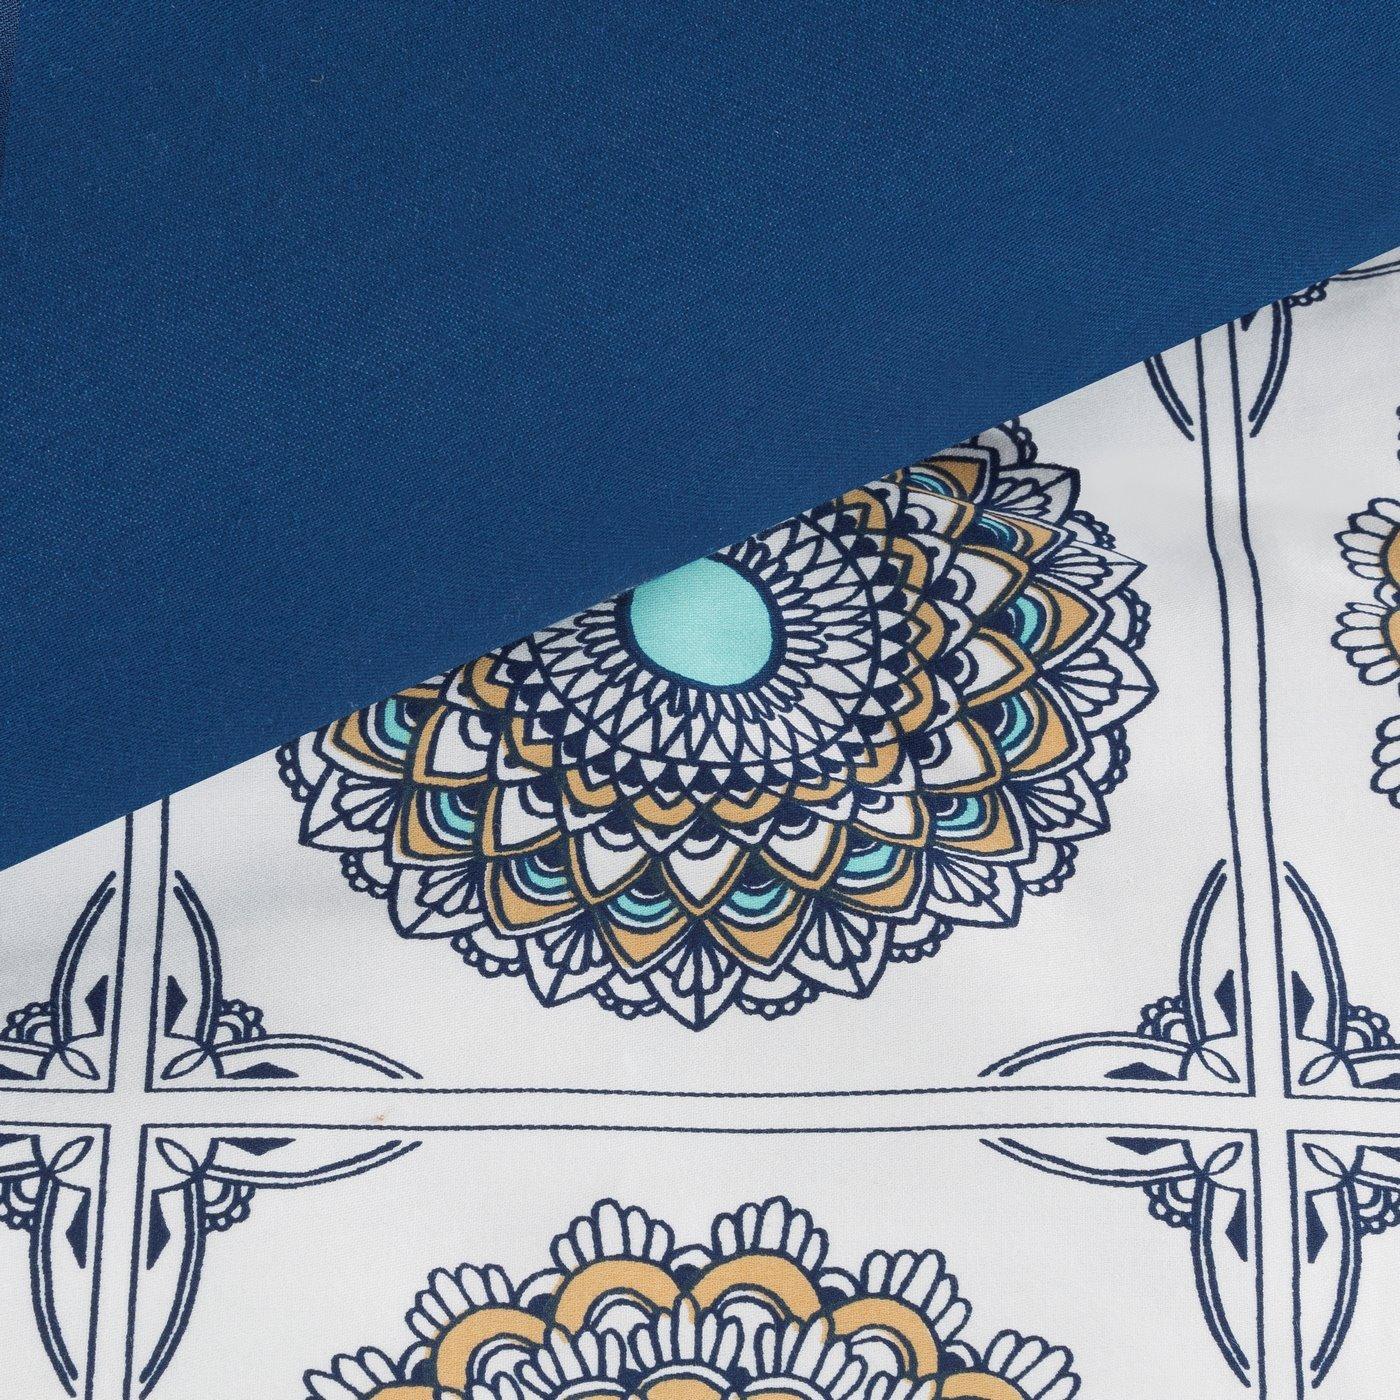 Komplet pościeli z satyny bawełnianej 160x200 cm, 2 szt. 70x80 cm nadruk mandale w kwadratach